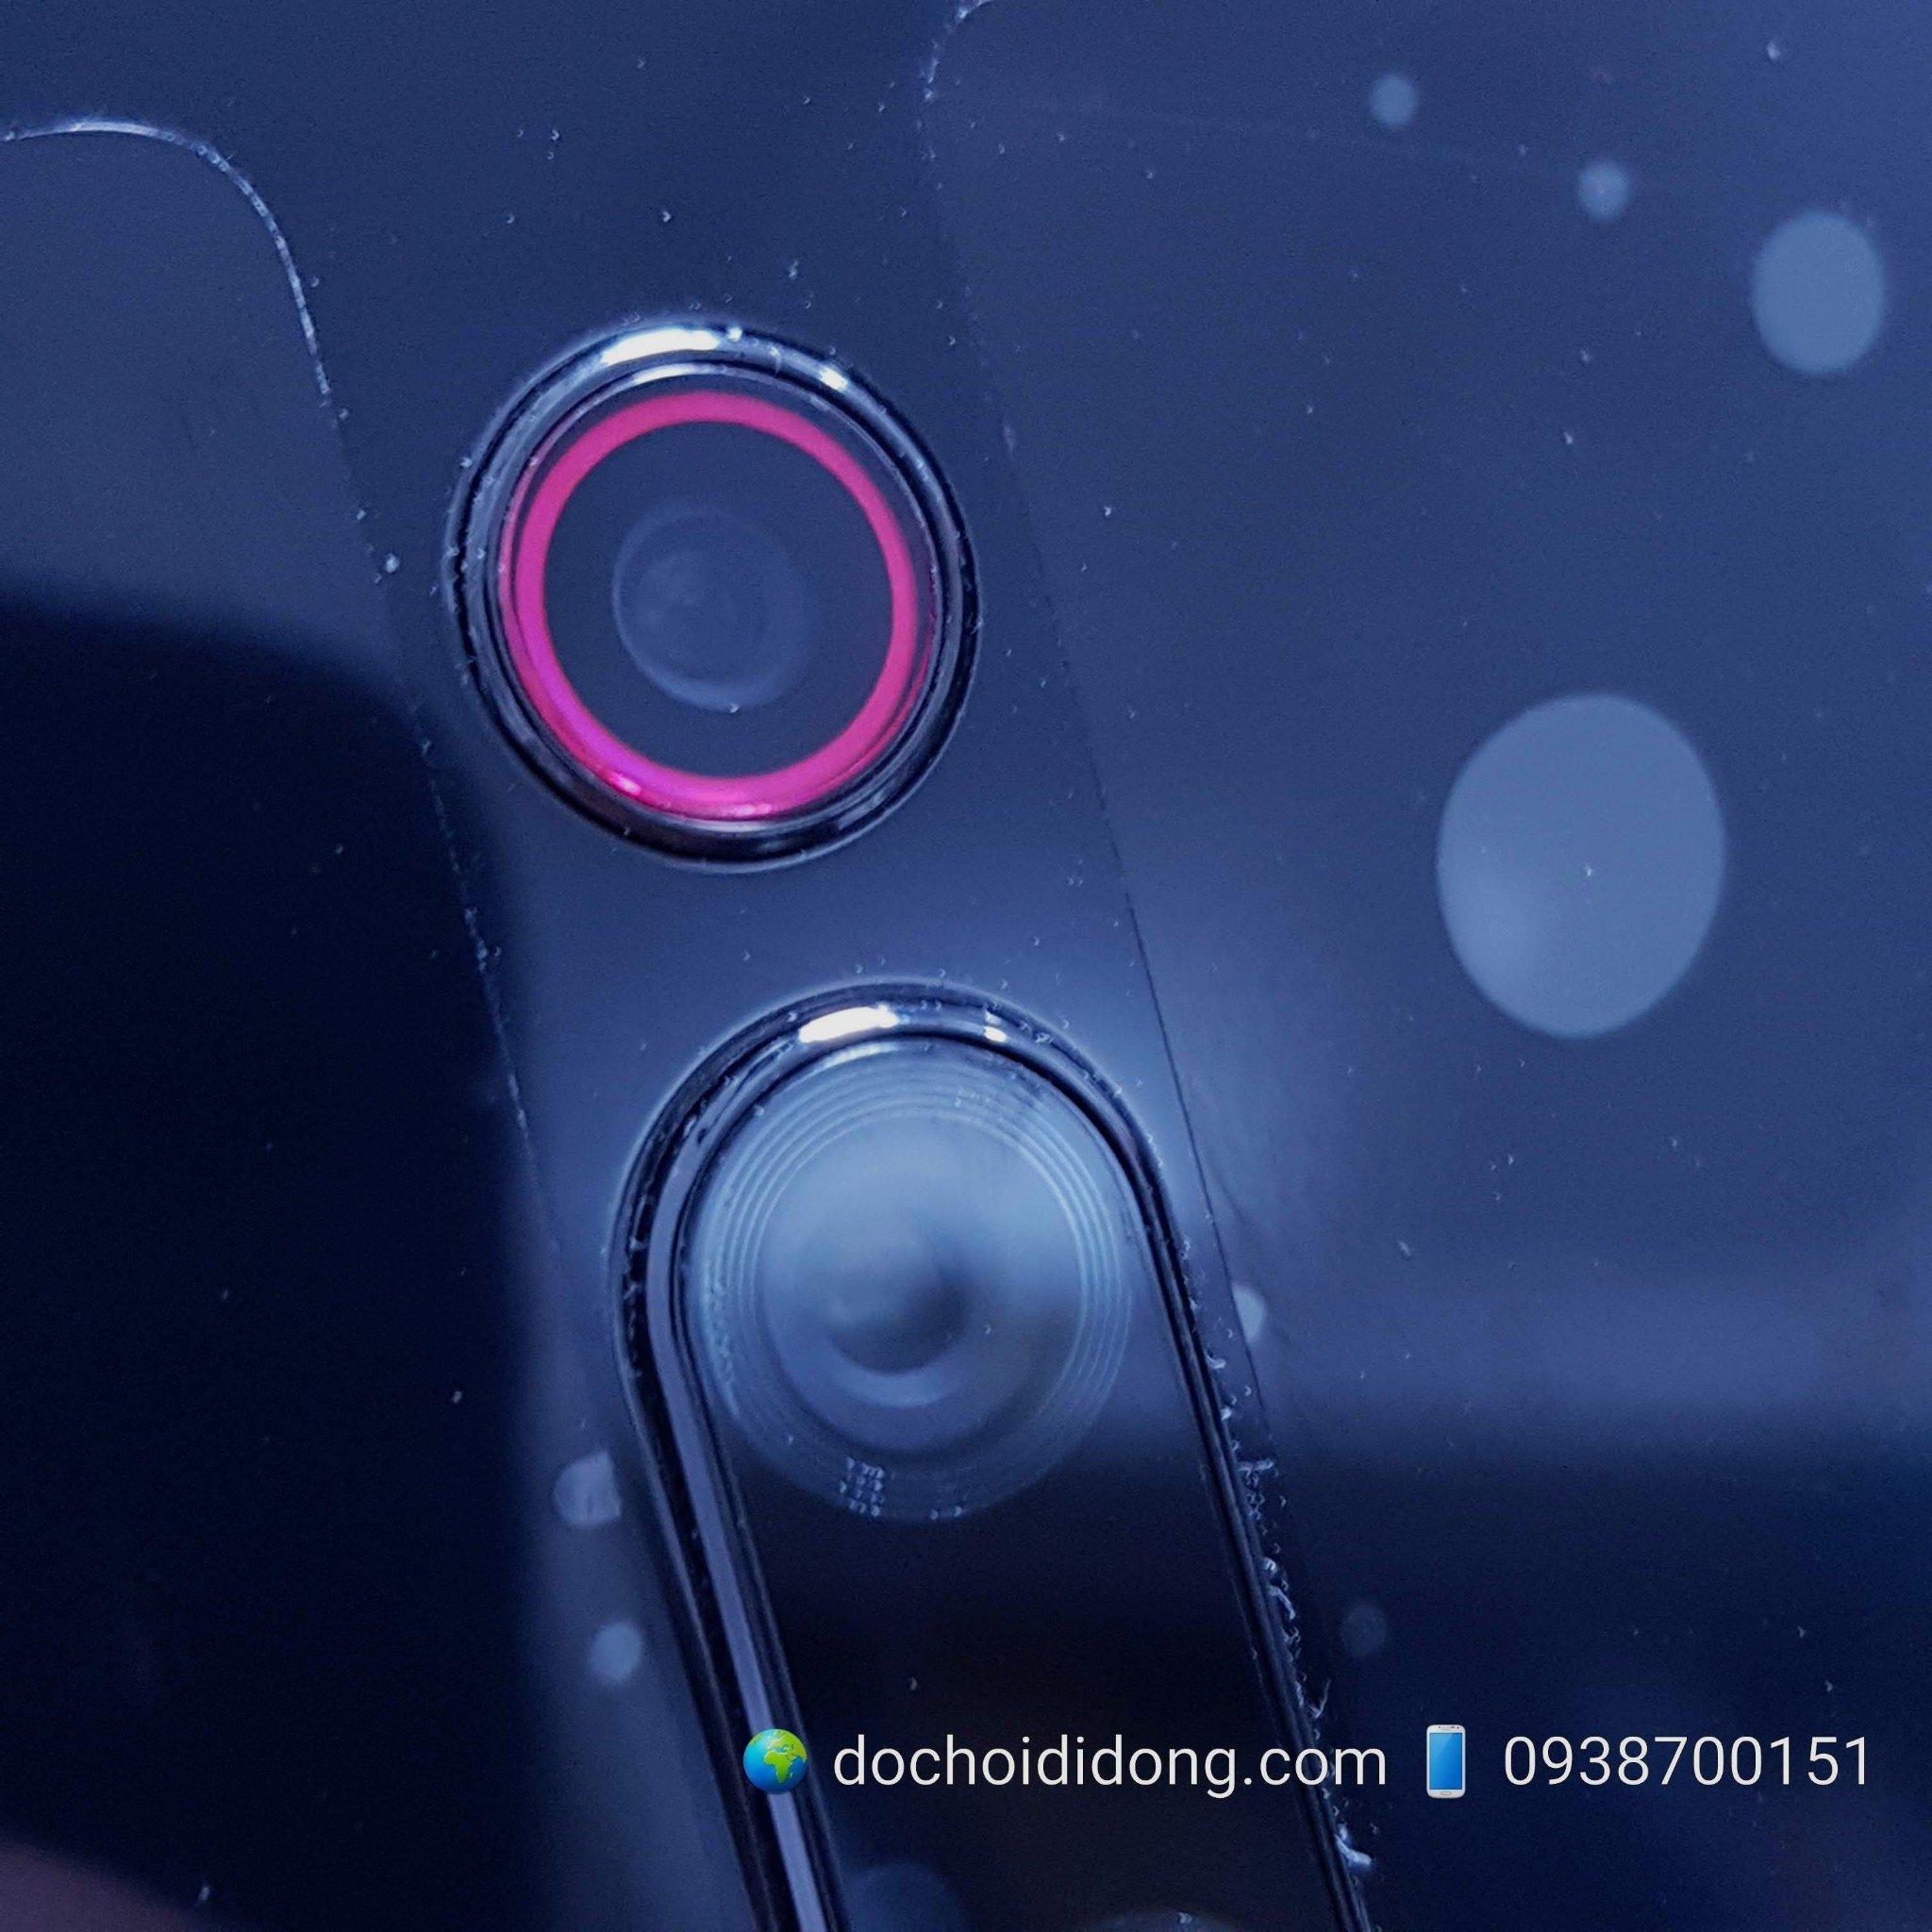 Miếng dán cường lực camera Xiaomi Redmi K20 Pro Mi 9T Pro 2.5D